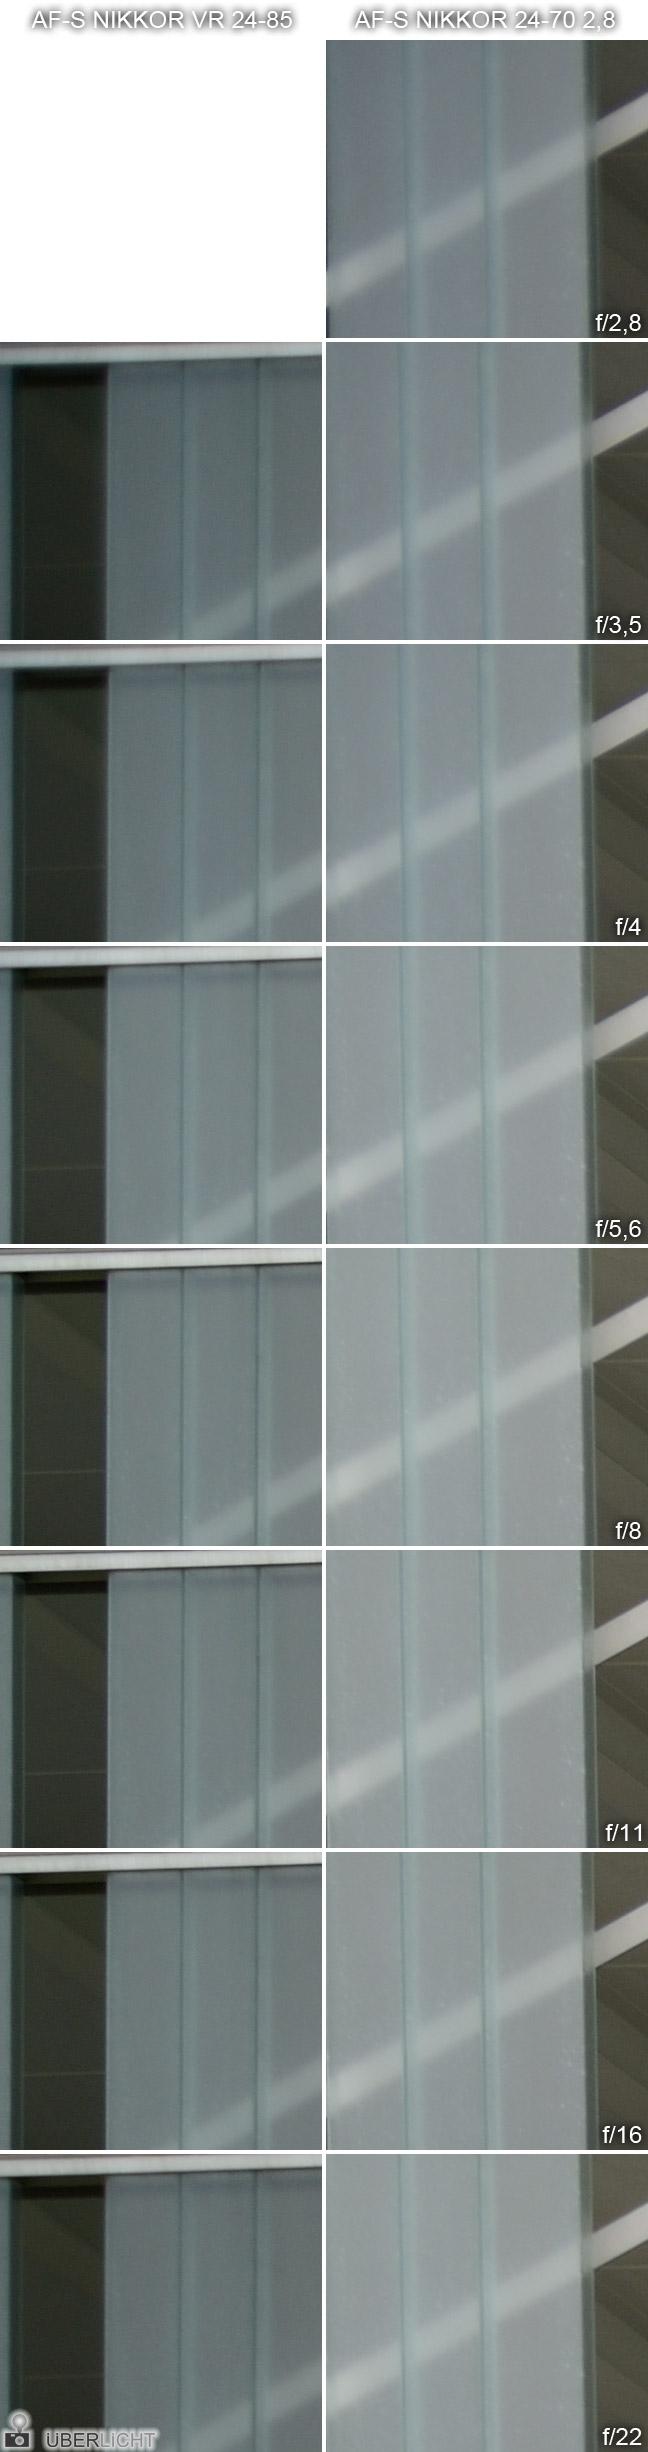 Nikon 24-85 VR Randschärfe Vergleich mit 24-70 Nikkor 24mm